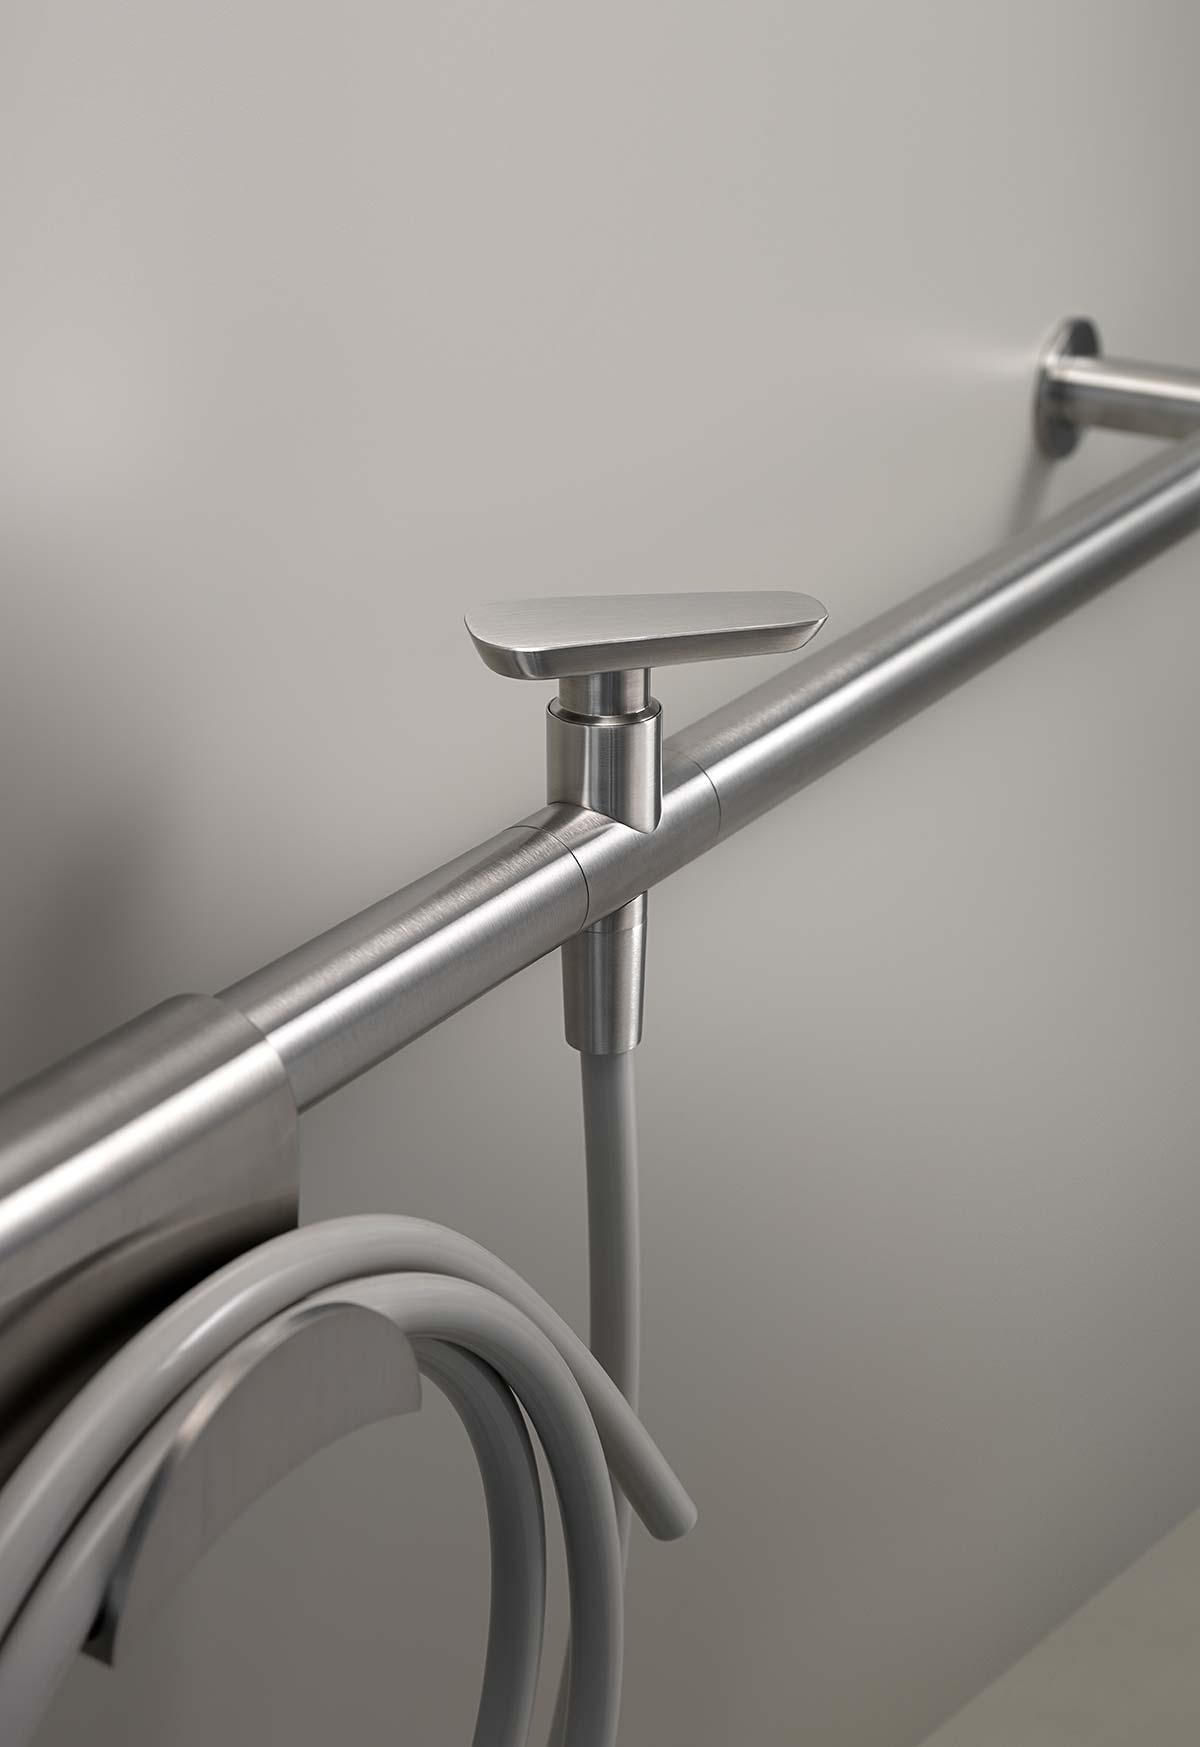 HOOK by Ceadesign, Design Parisotto + Formenton & Natalino Malasorti